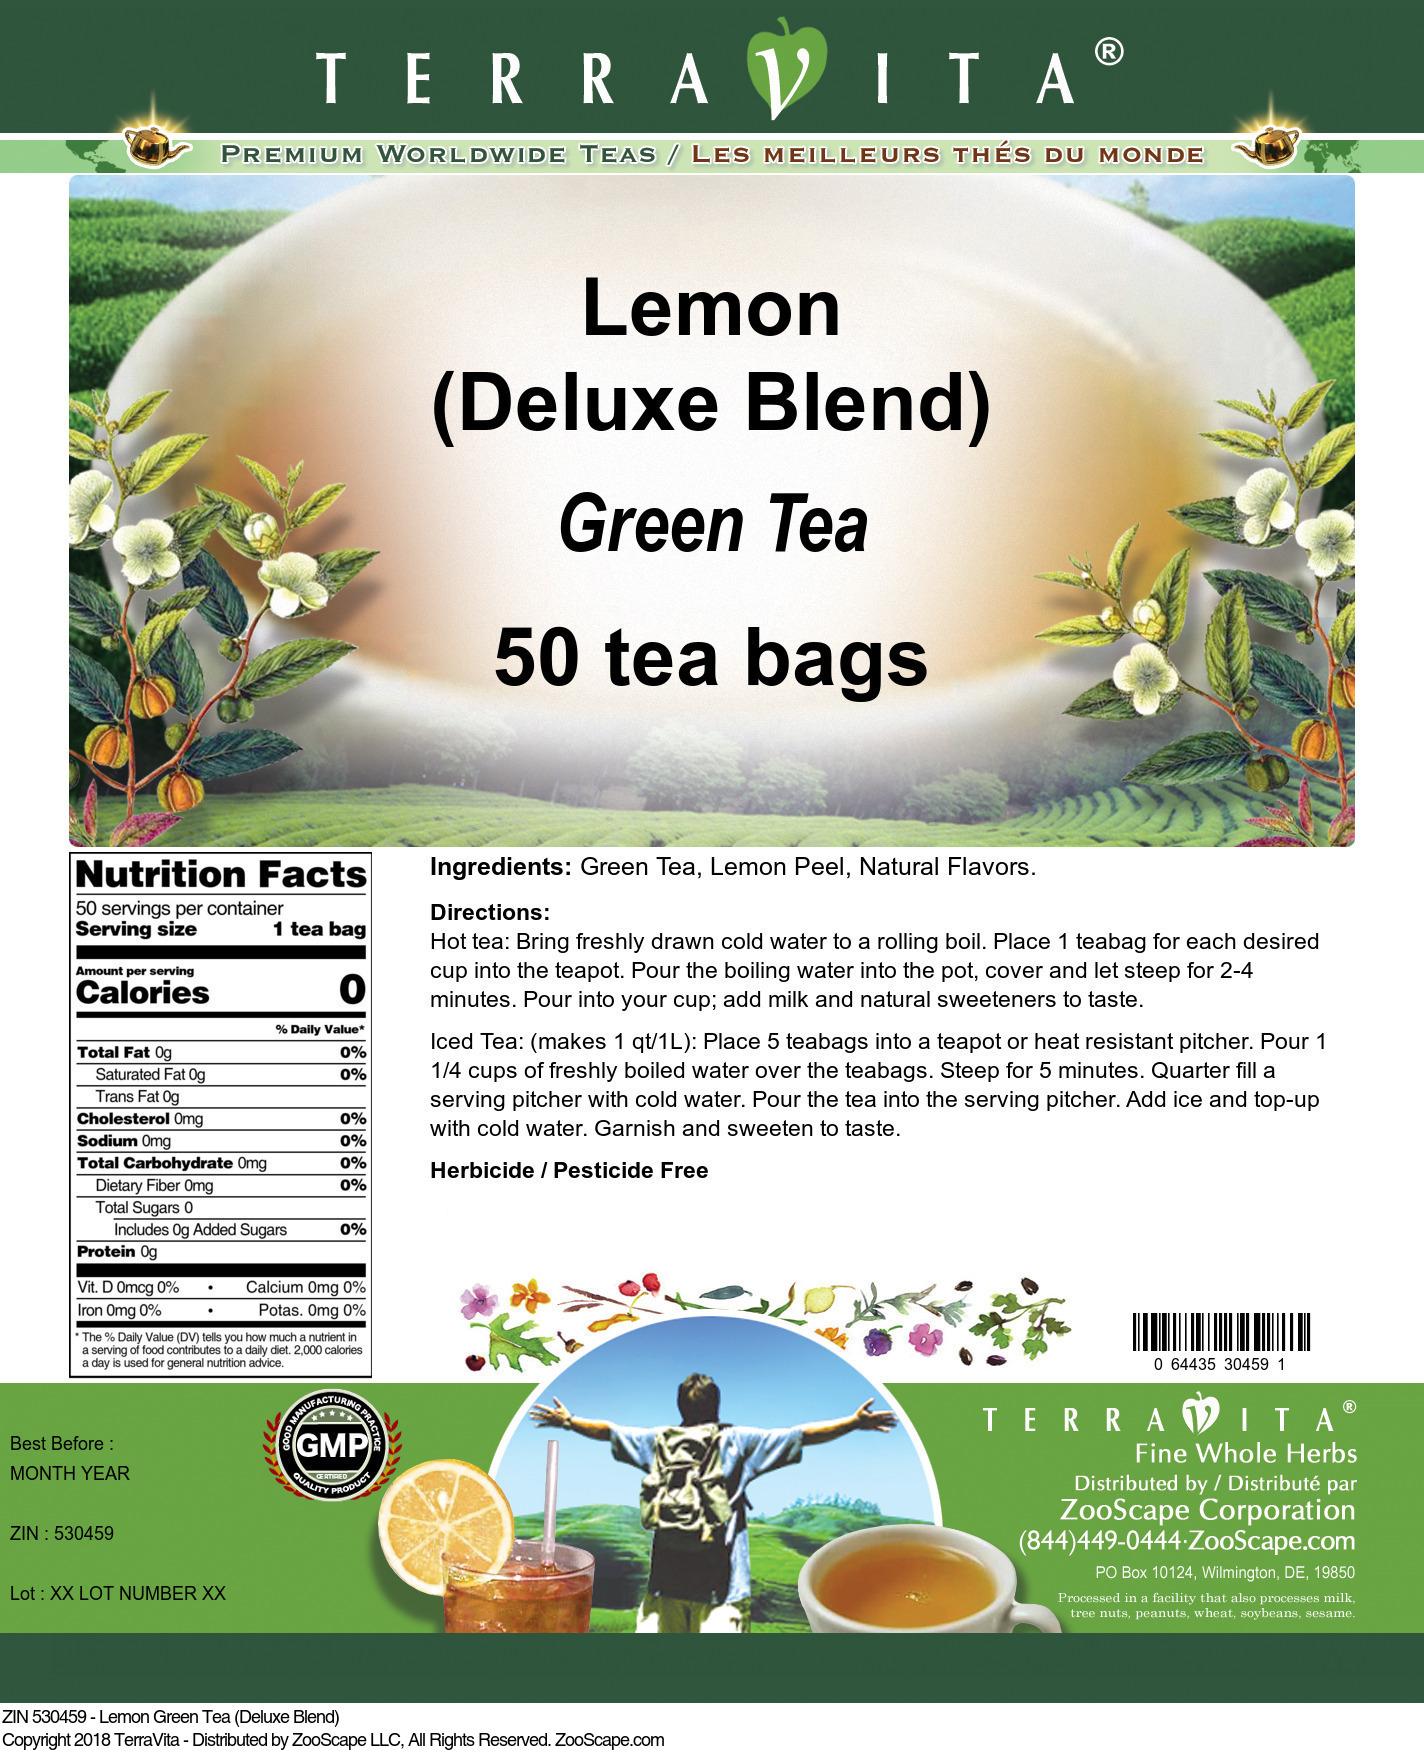 Lemon Green Tea (Deluxe Blend)